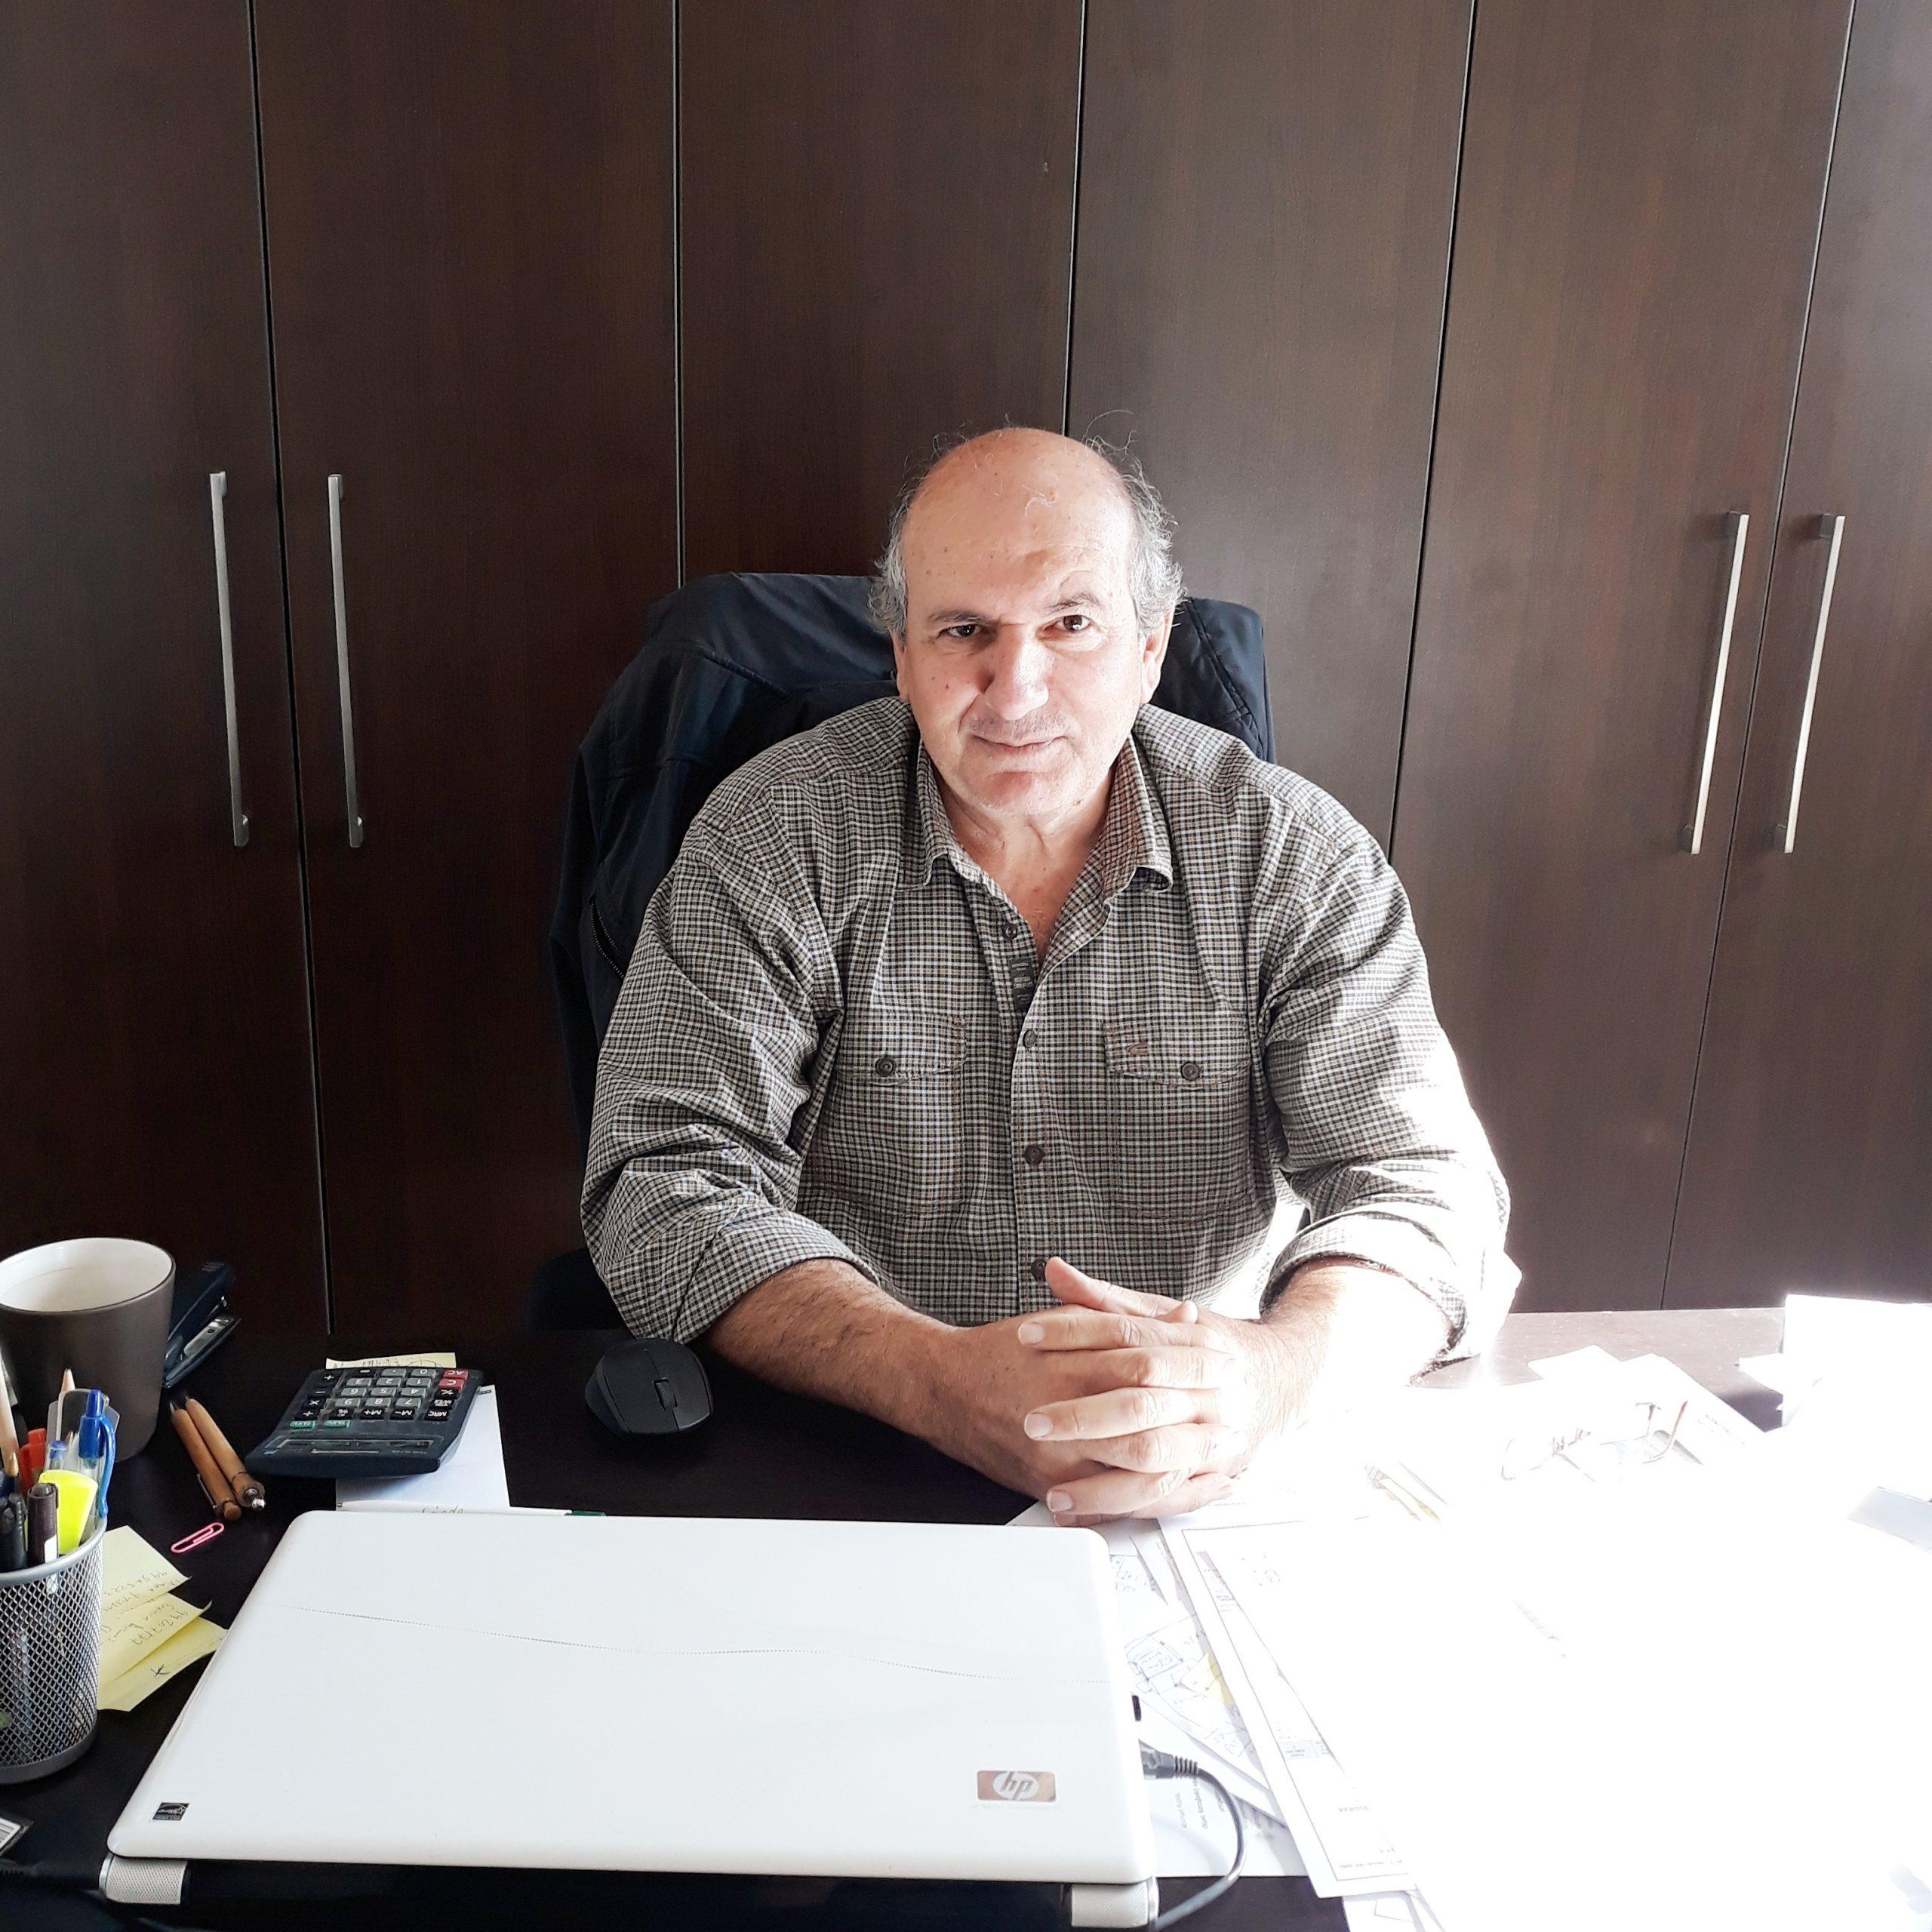 Συνέντευξη με το Γενικό Διευθυντή της εταιρείας Lacon κ. Νικόλα Κανάρη